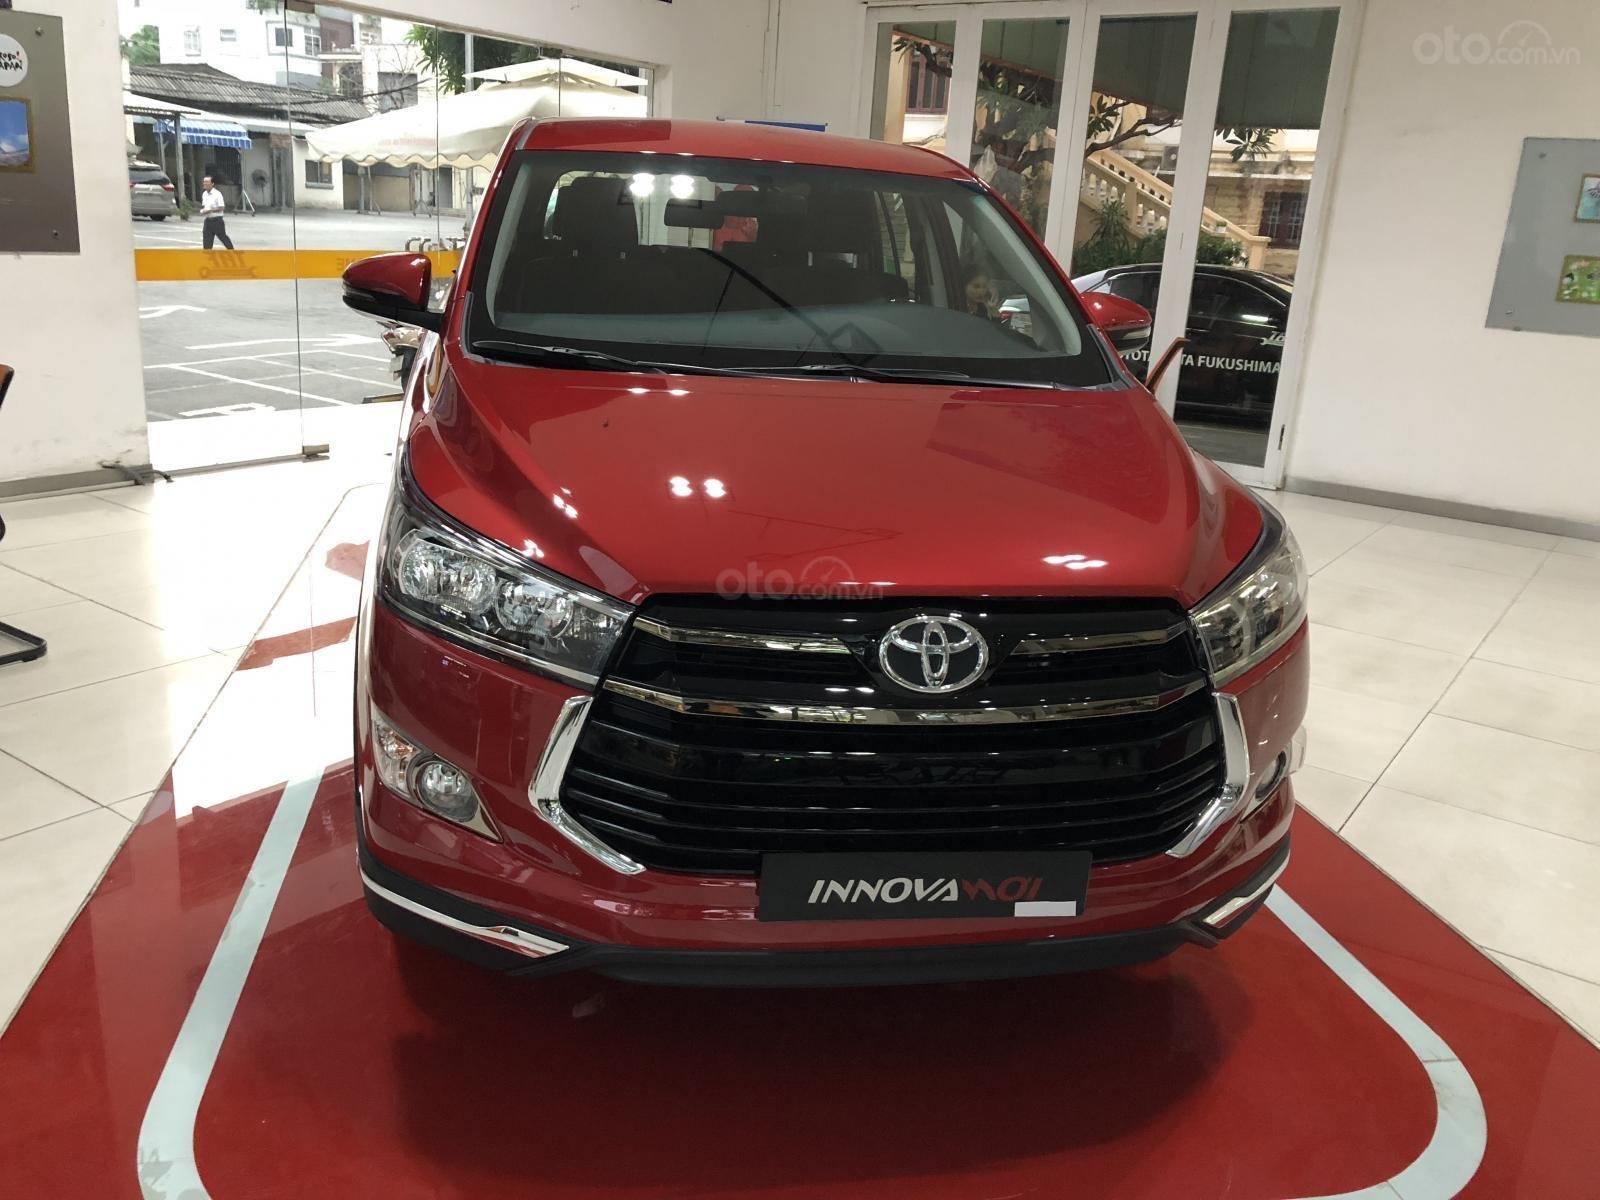 Bán Toyota Innova 2.0 Ventuner, màu đỏ - thanh toán 250tr nhận xe - lãi vay 0,58%/tháng-0